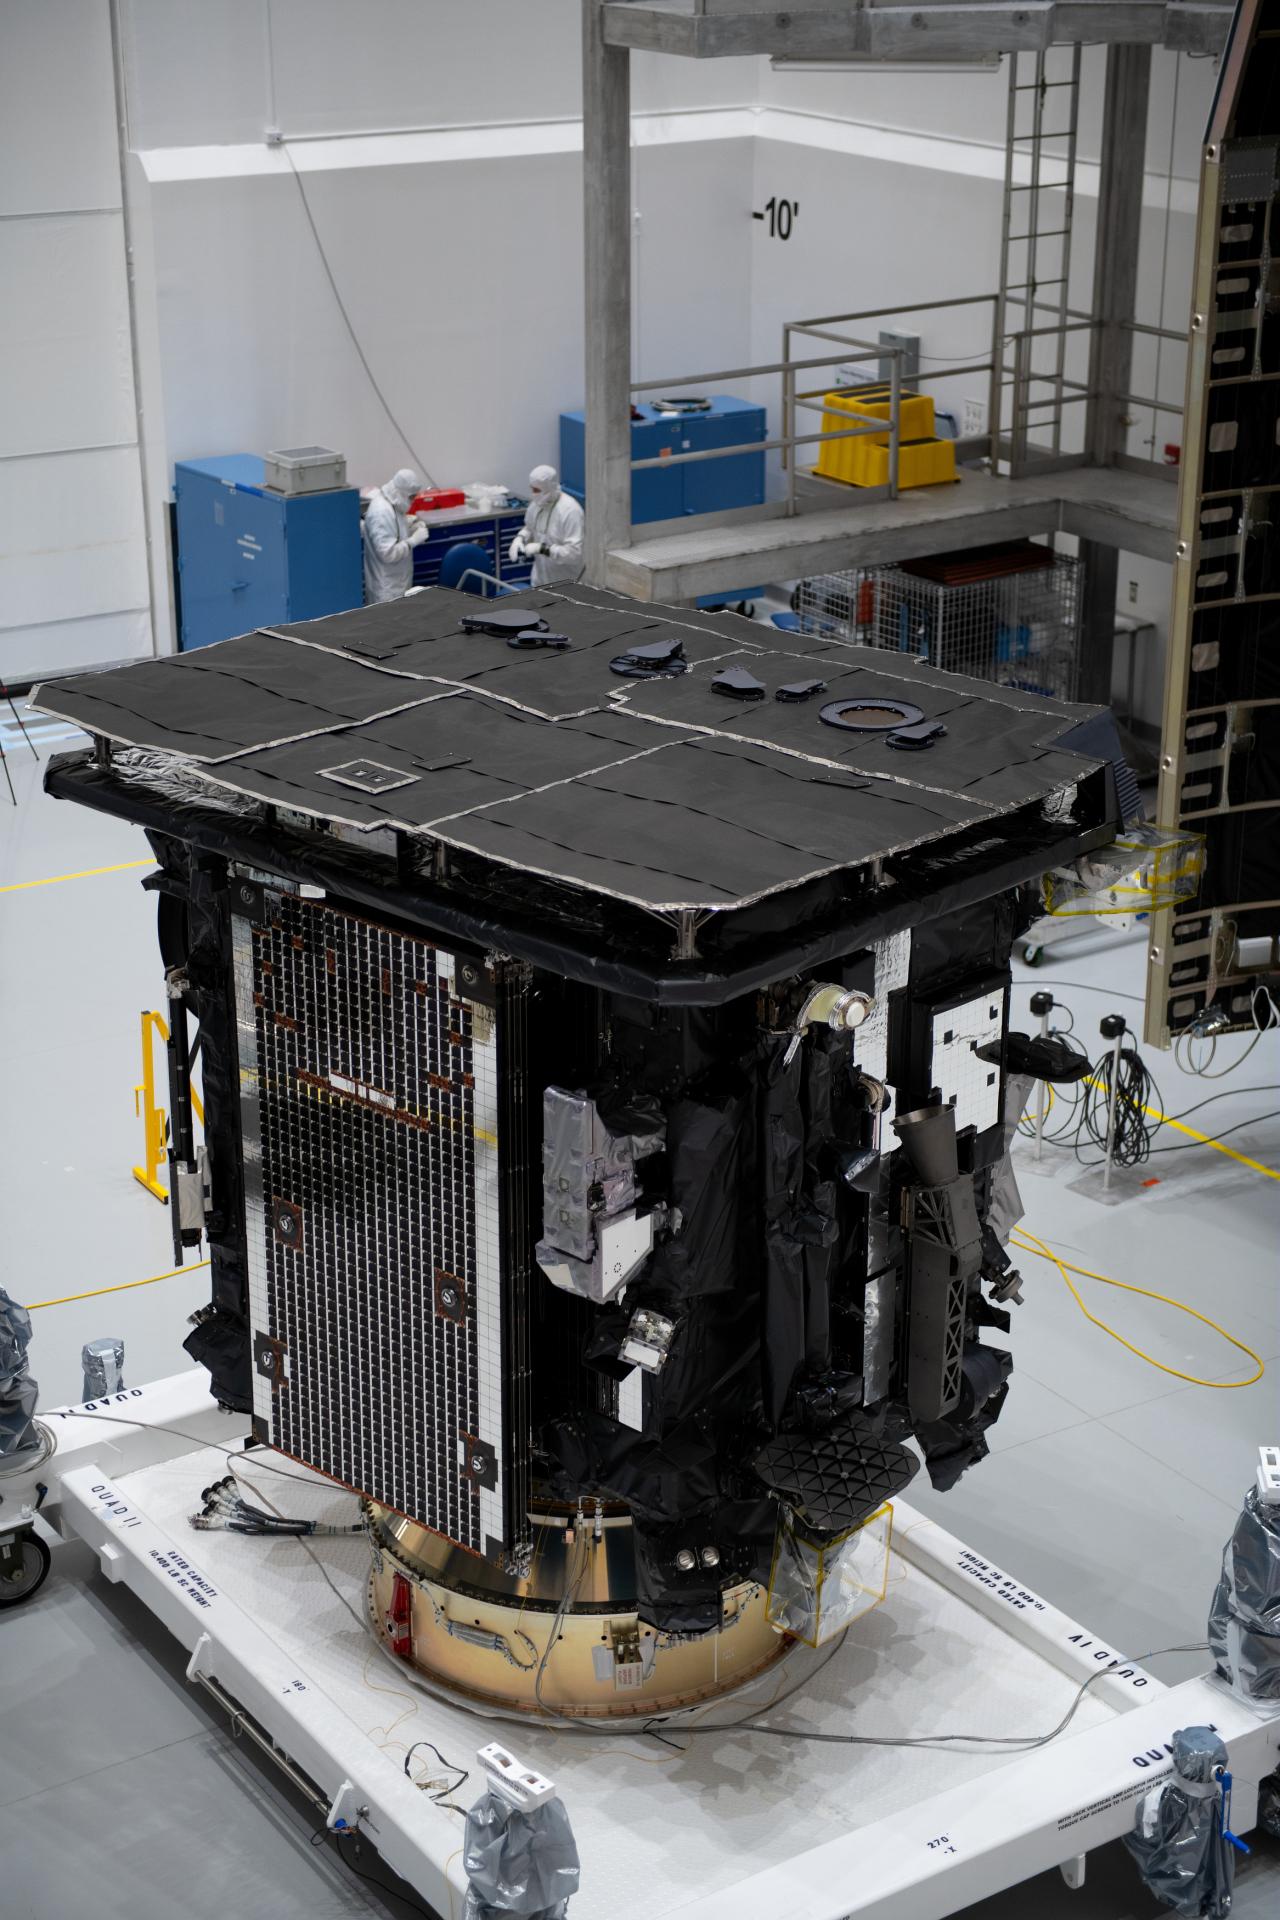 Last_glimpse_of_Solar_Orbiter_before_launch_1280.jpg